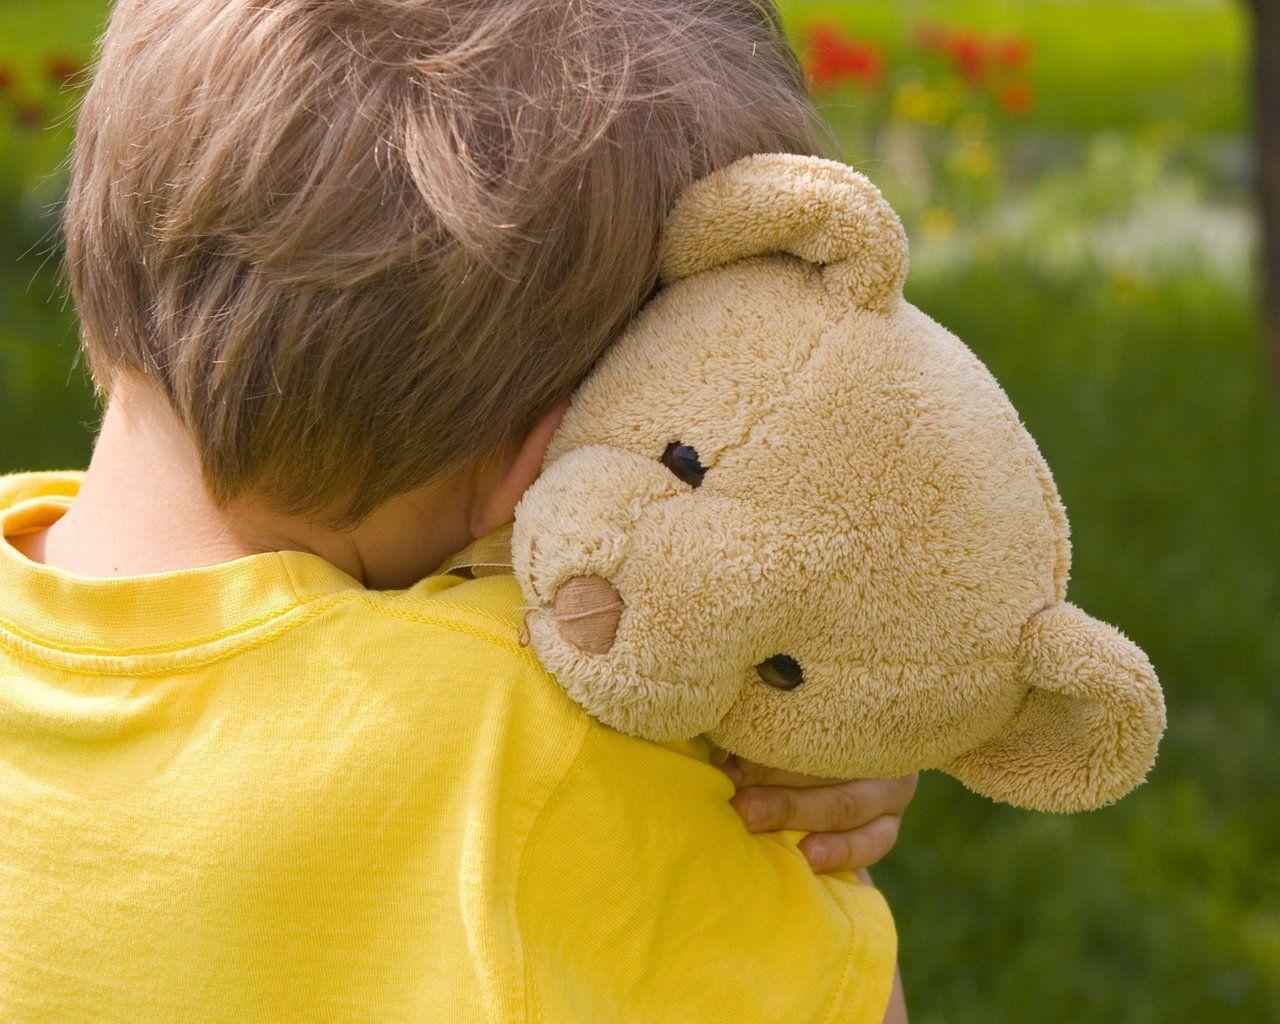 Фонд «Лицо ребенка» объявил о начале благотворительного марафона «Вернем детям красоту»